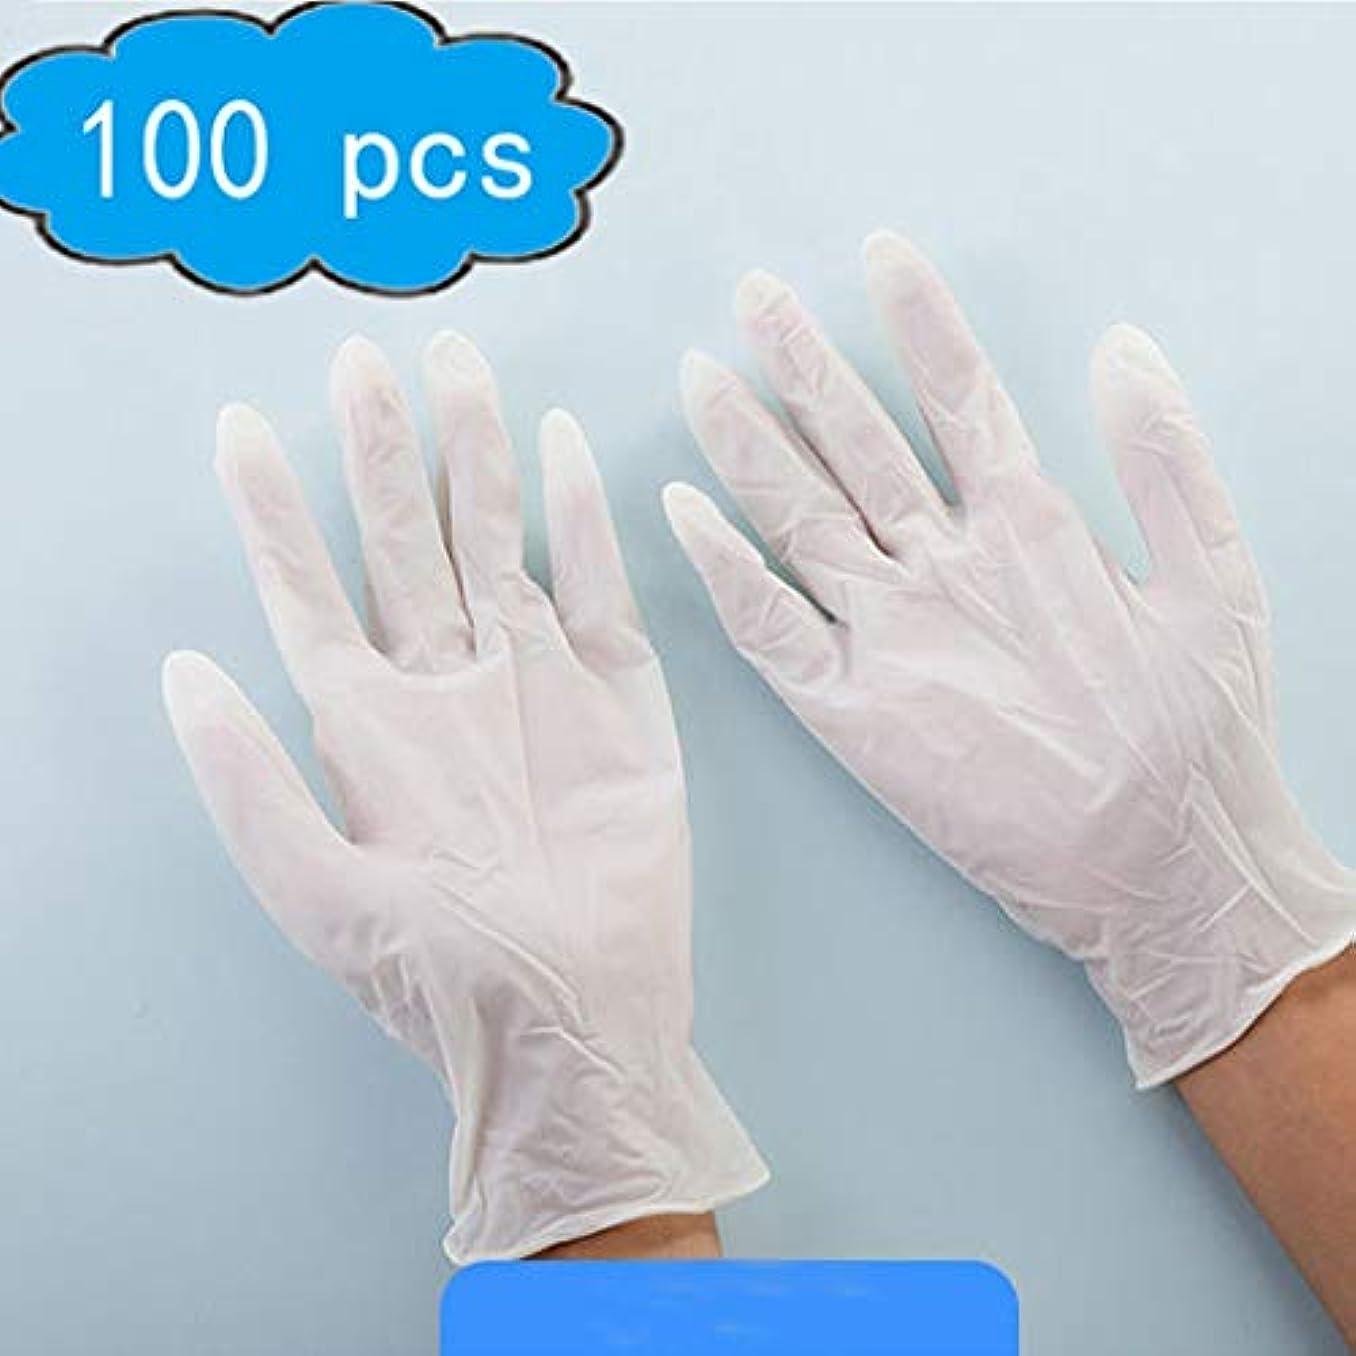 封筒近似好奇心使い捨て手袋、厚手版、白い粉のない使い捨てニトリル手袋[100パック] - 大、サニタリー手袋、応急処置用品 (Color : White, Size : S)